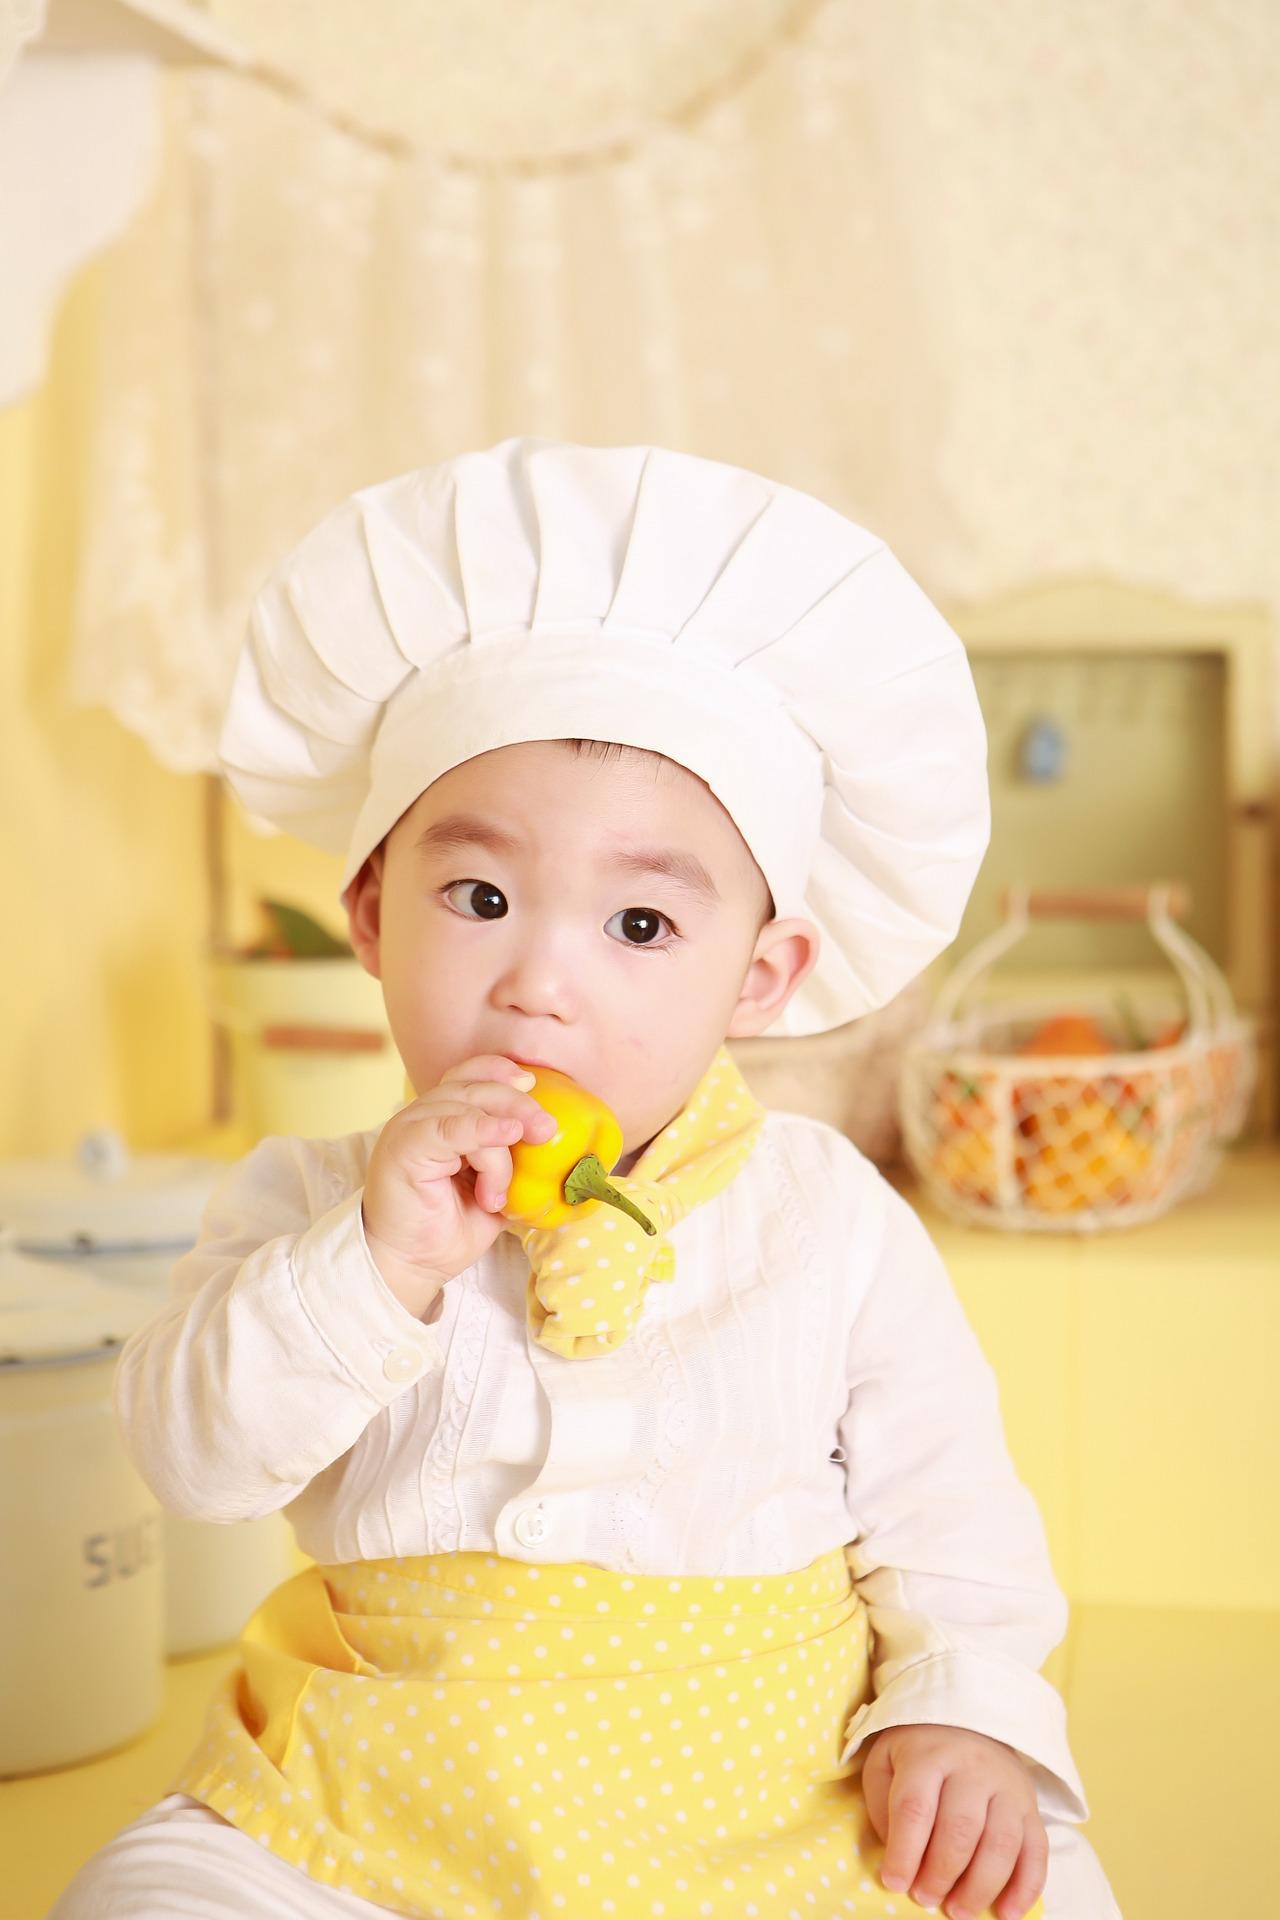 3 astuces de cuisine saine pour parents pressés